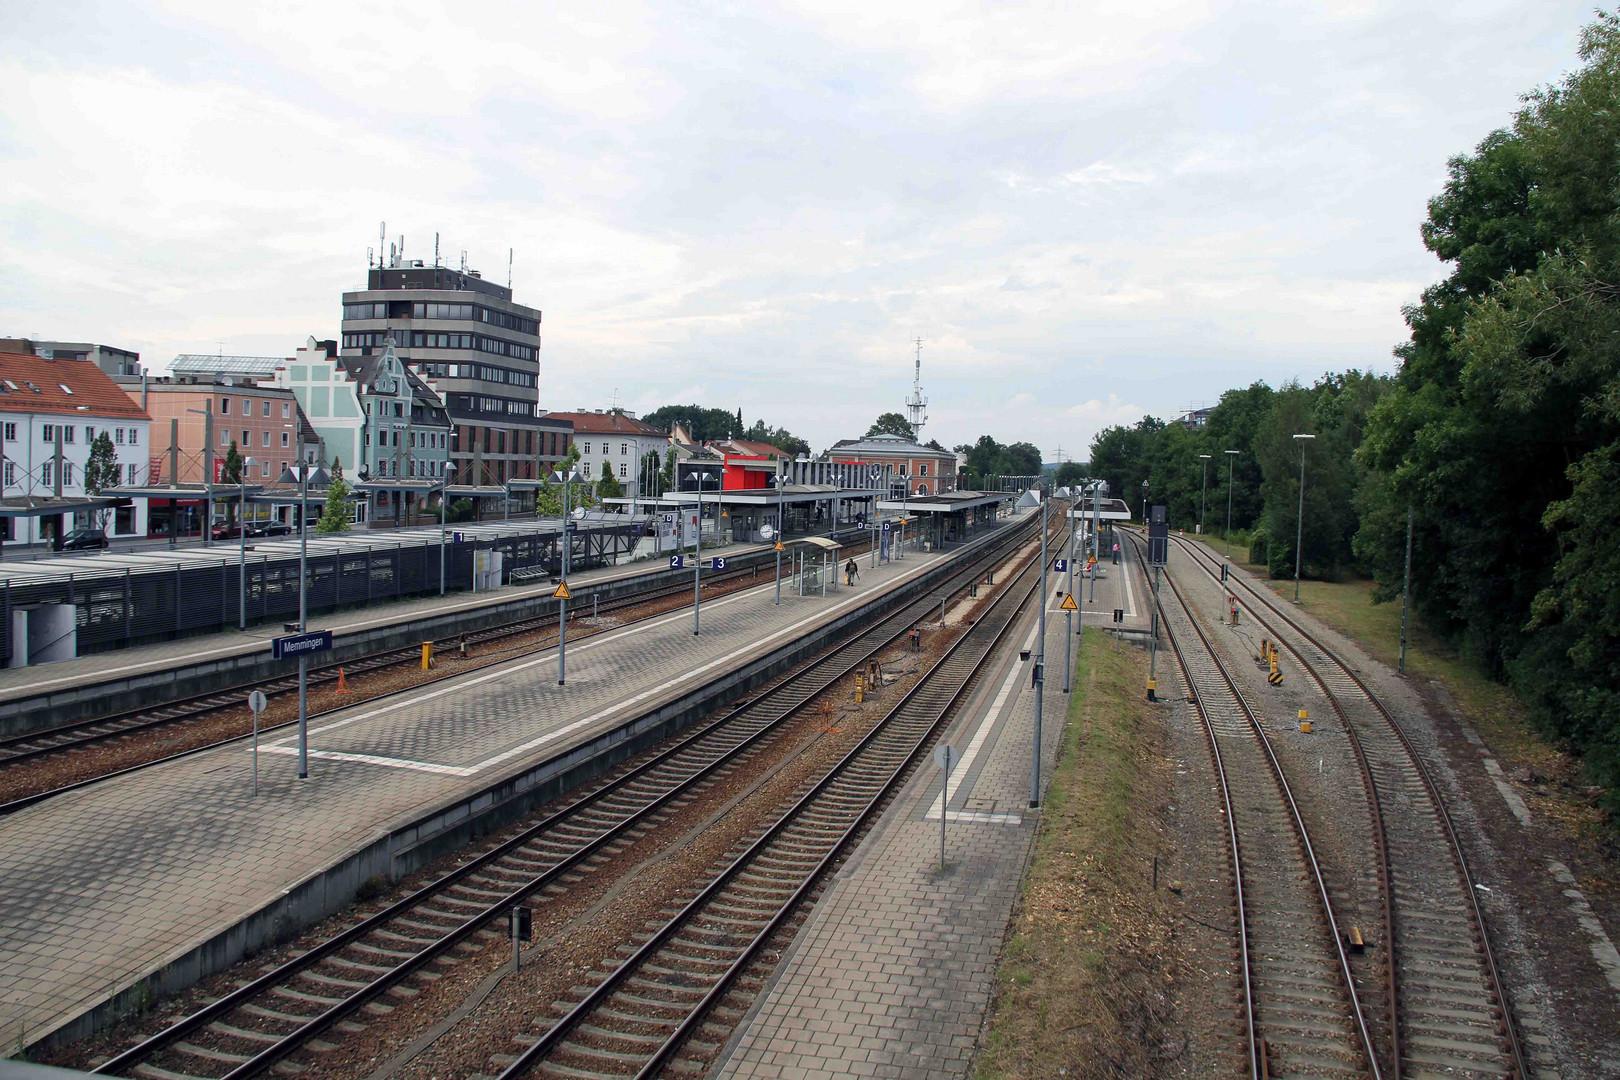 Bahnhofsgelände in Memmingen